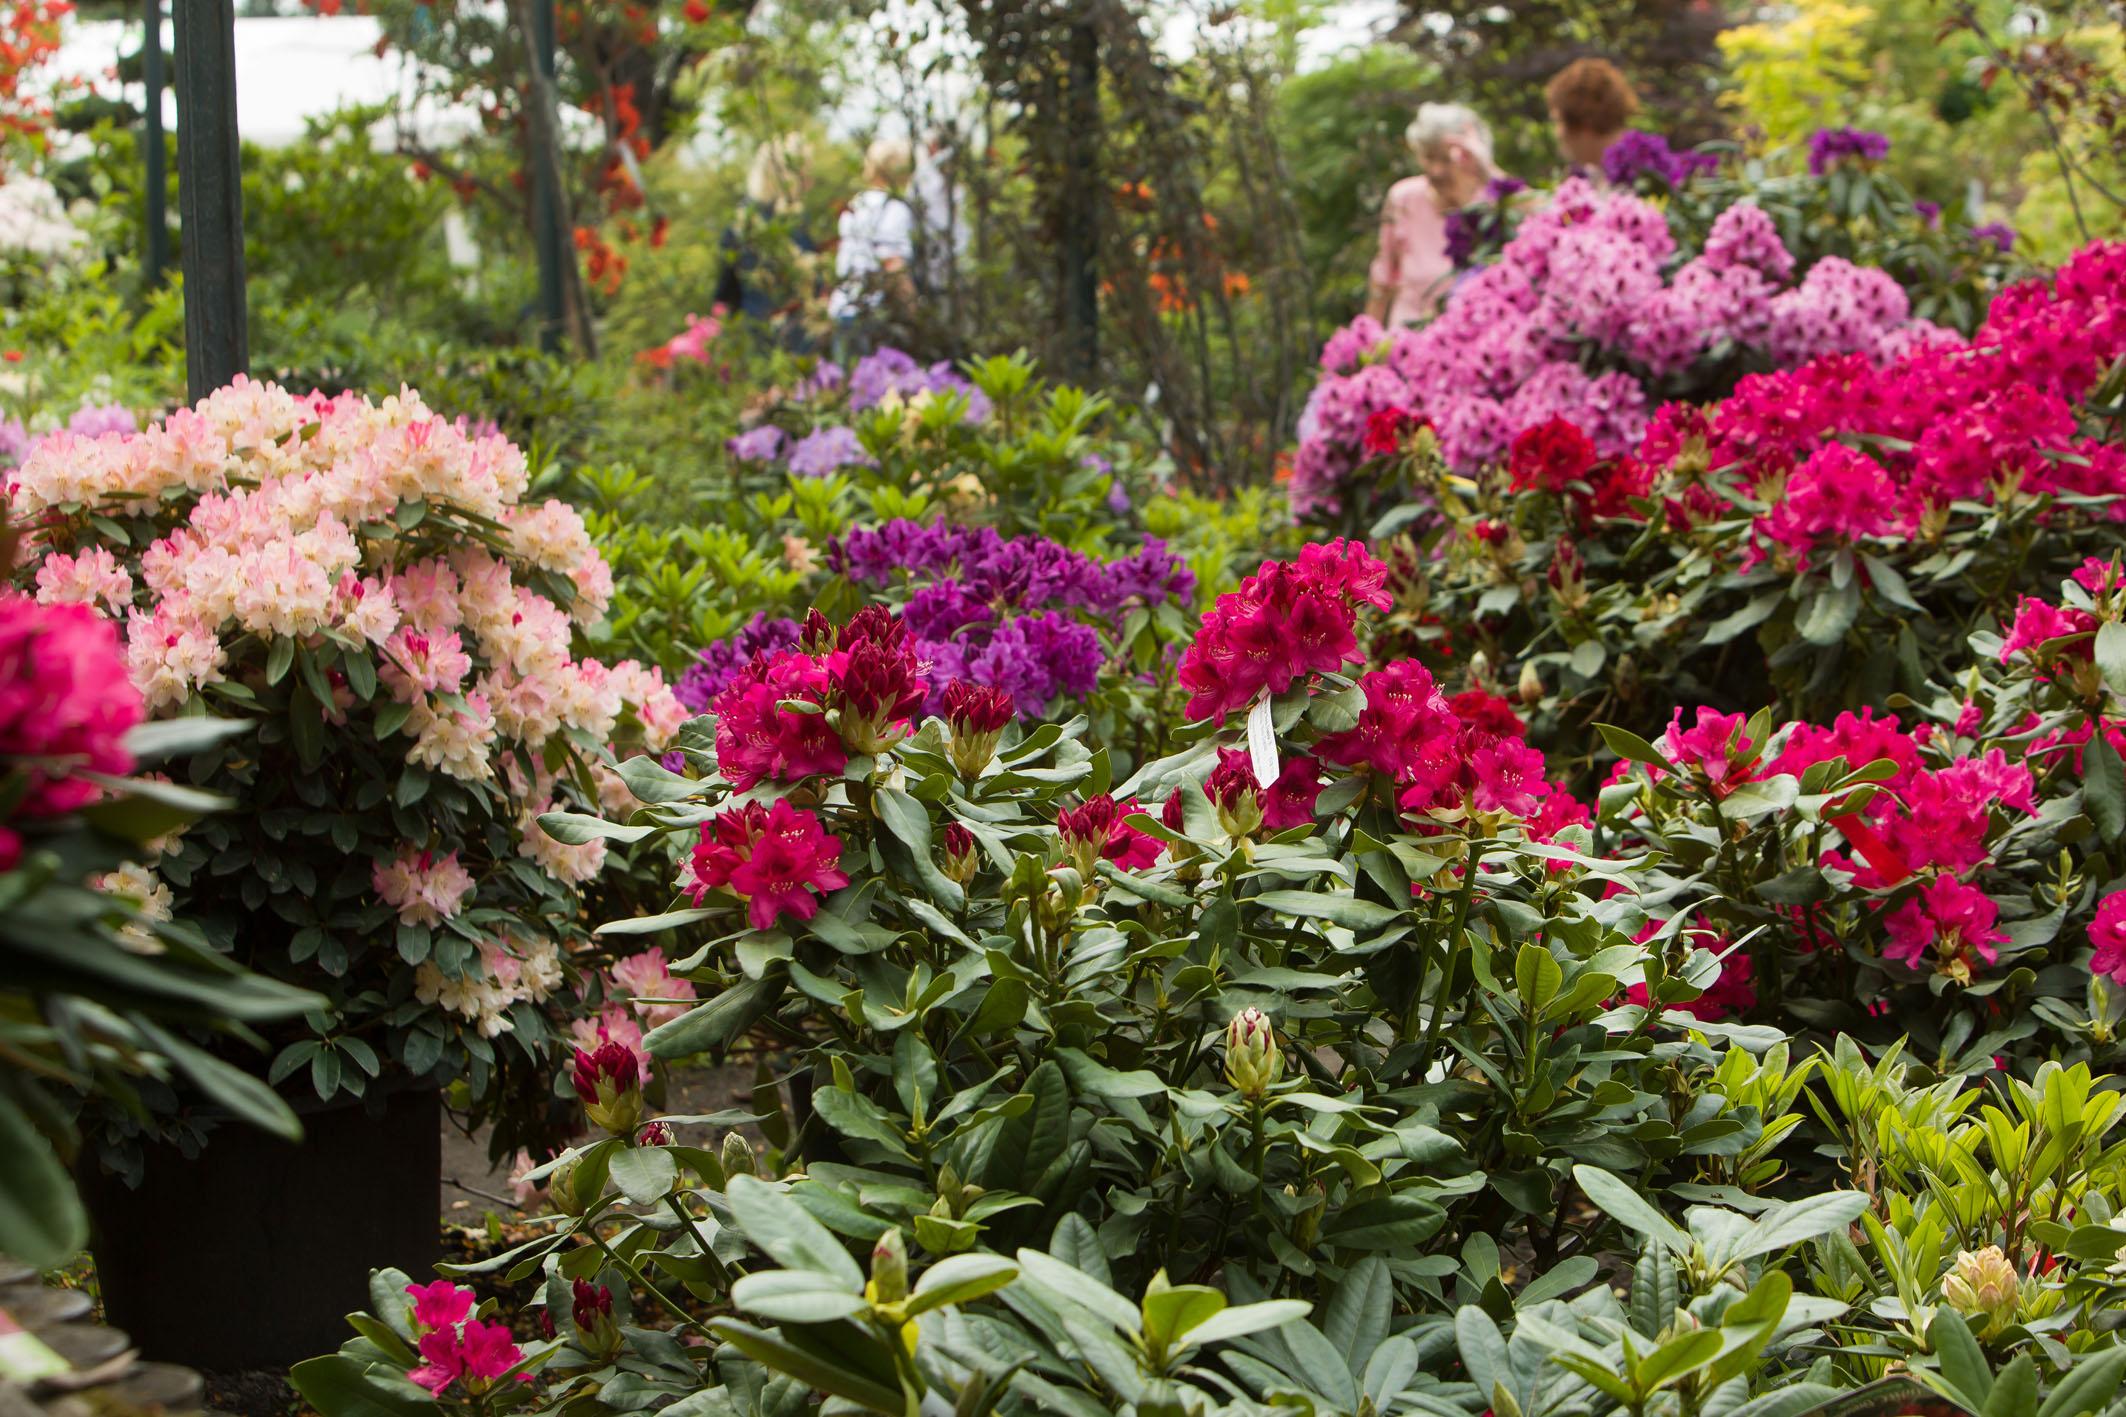 Blühender Rhododendron im Pflanzenverkauf mit Kundinnen im Hintergrund